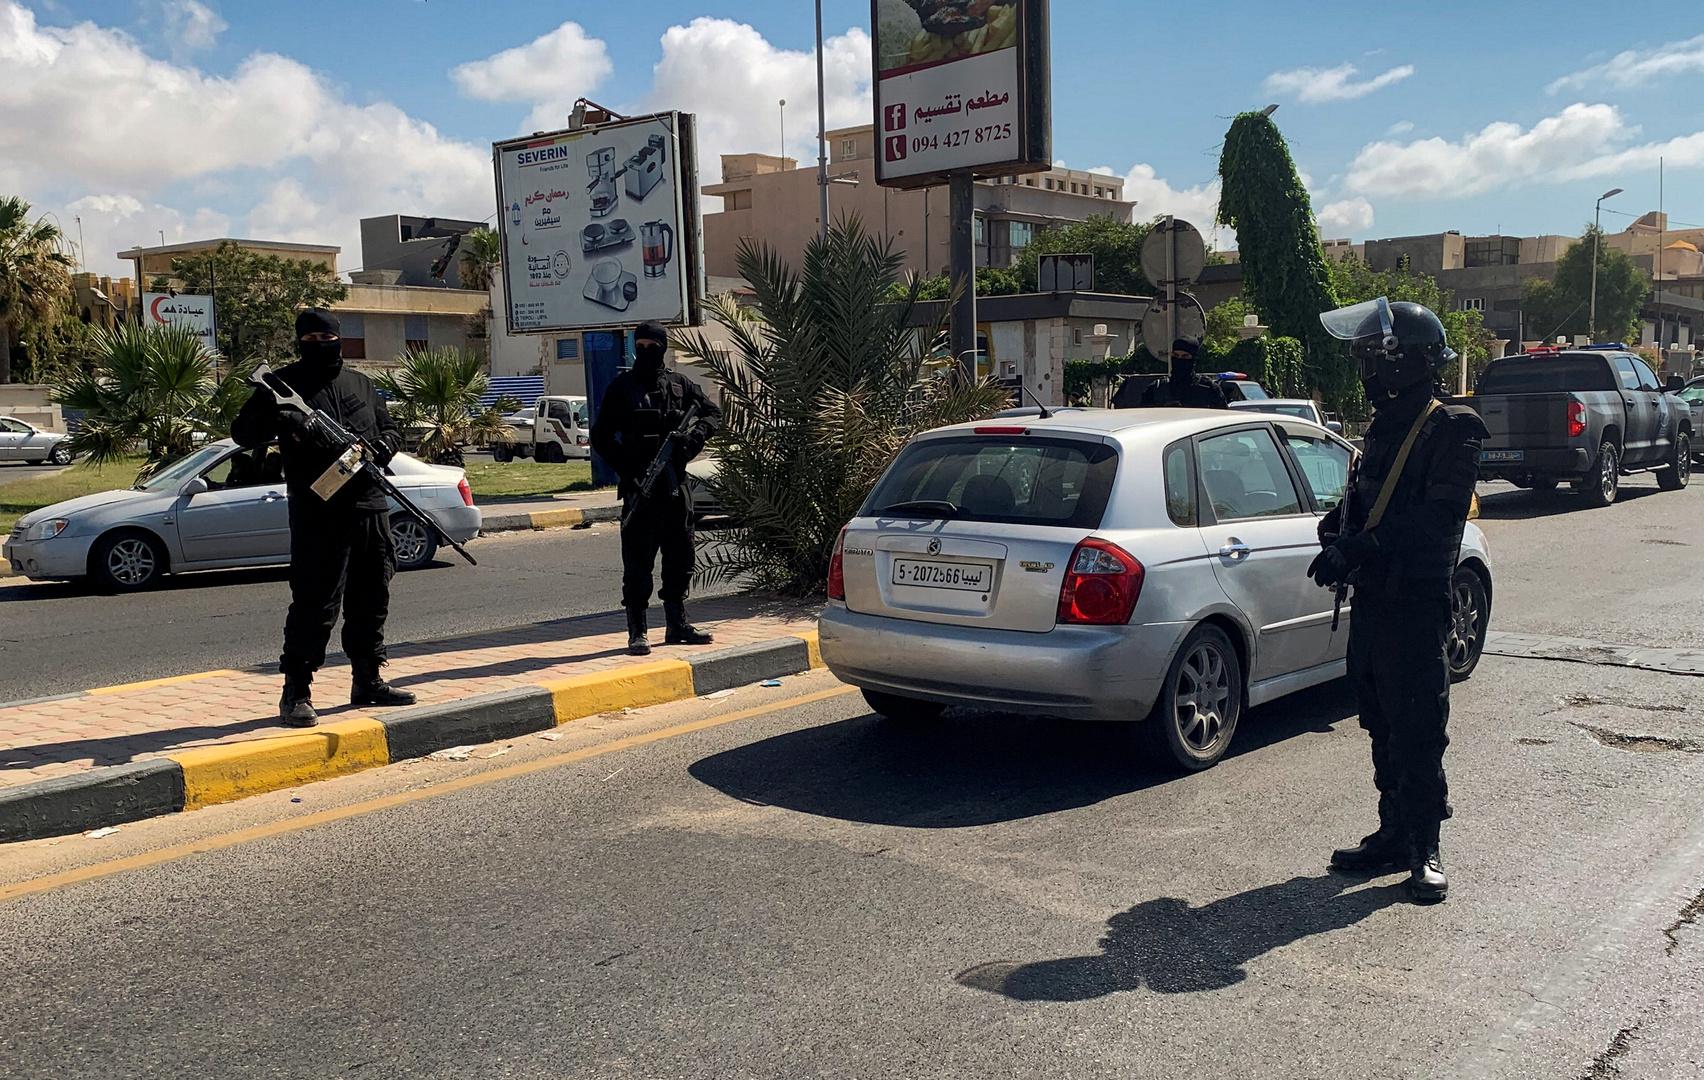 ليبيا: العملية انطلقت والحكومة استقالت